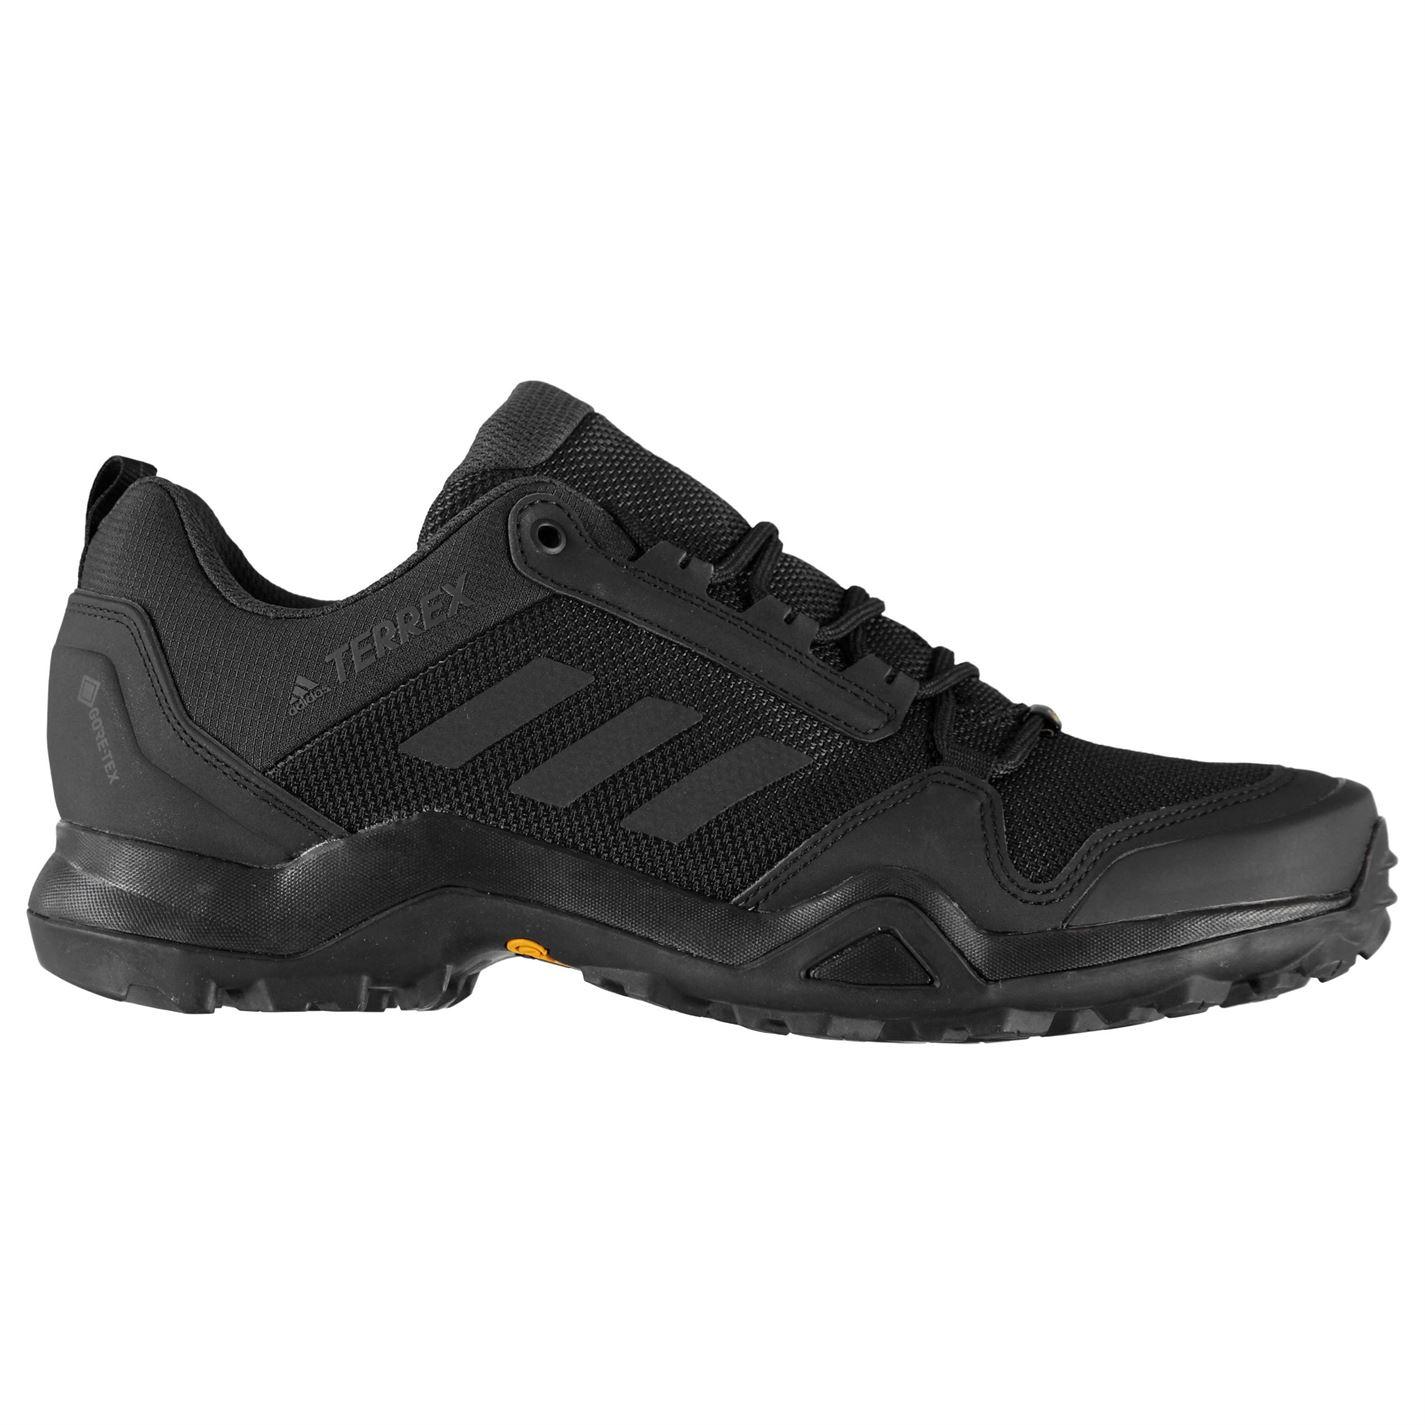 Adidas TERREX AX3R GTX pánske turistické topánky